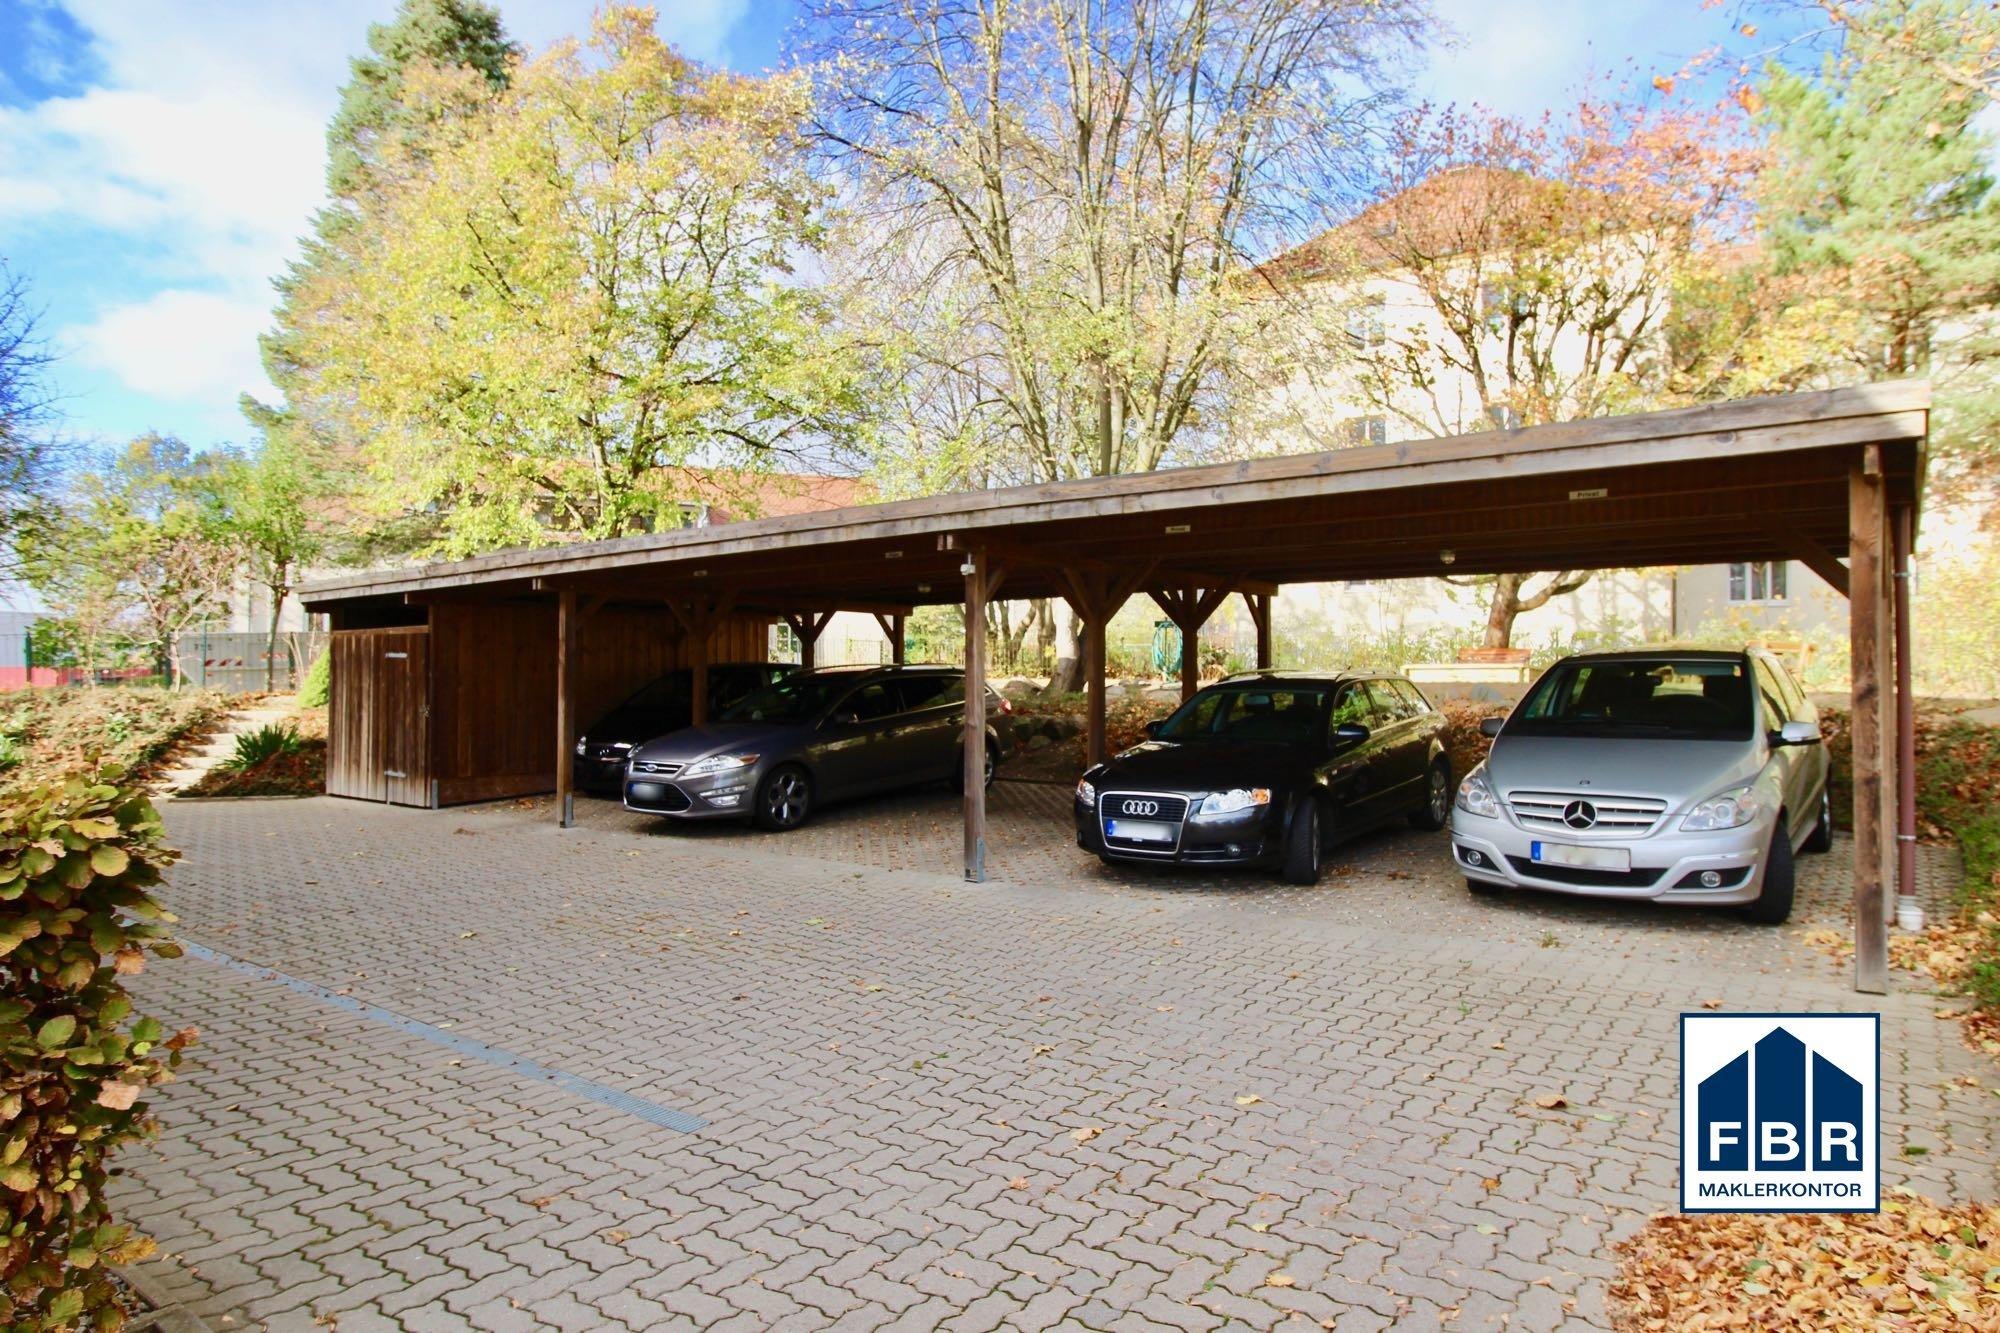 Carport am Haus